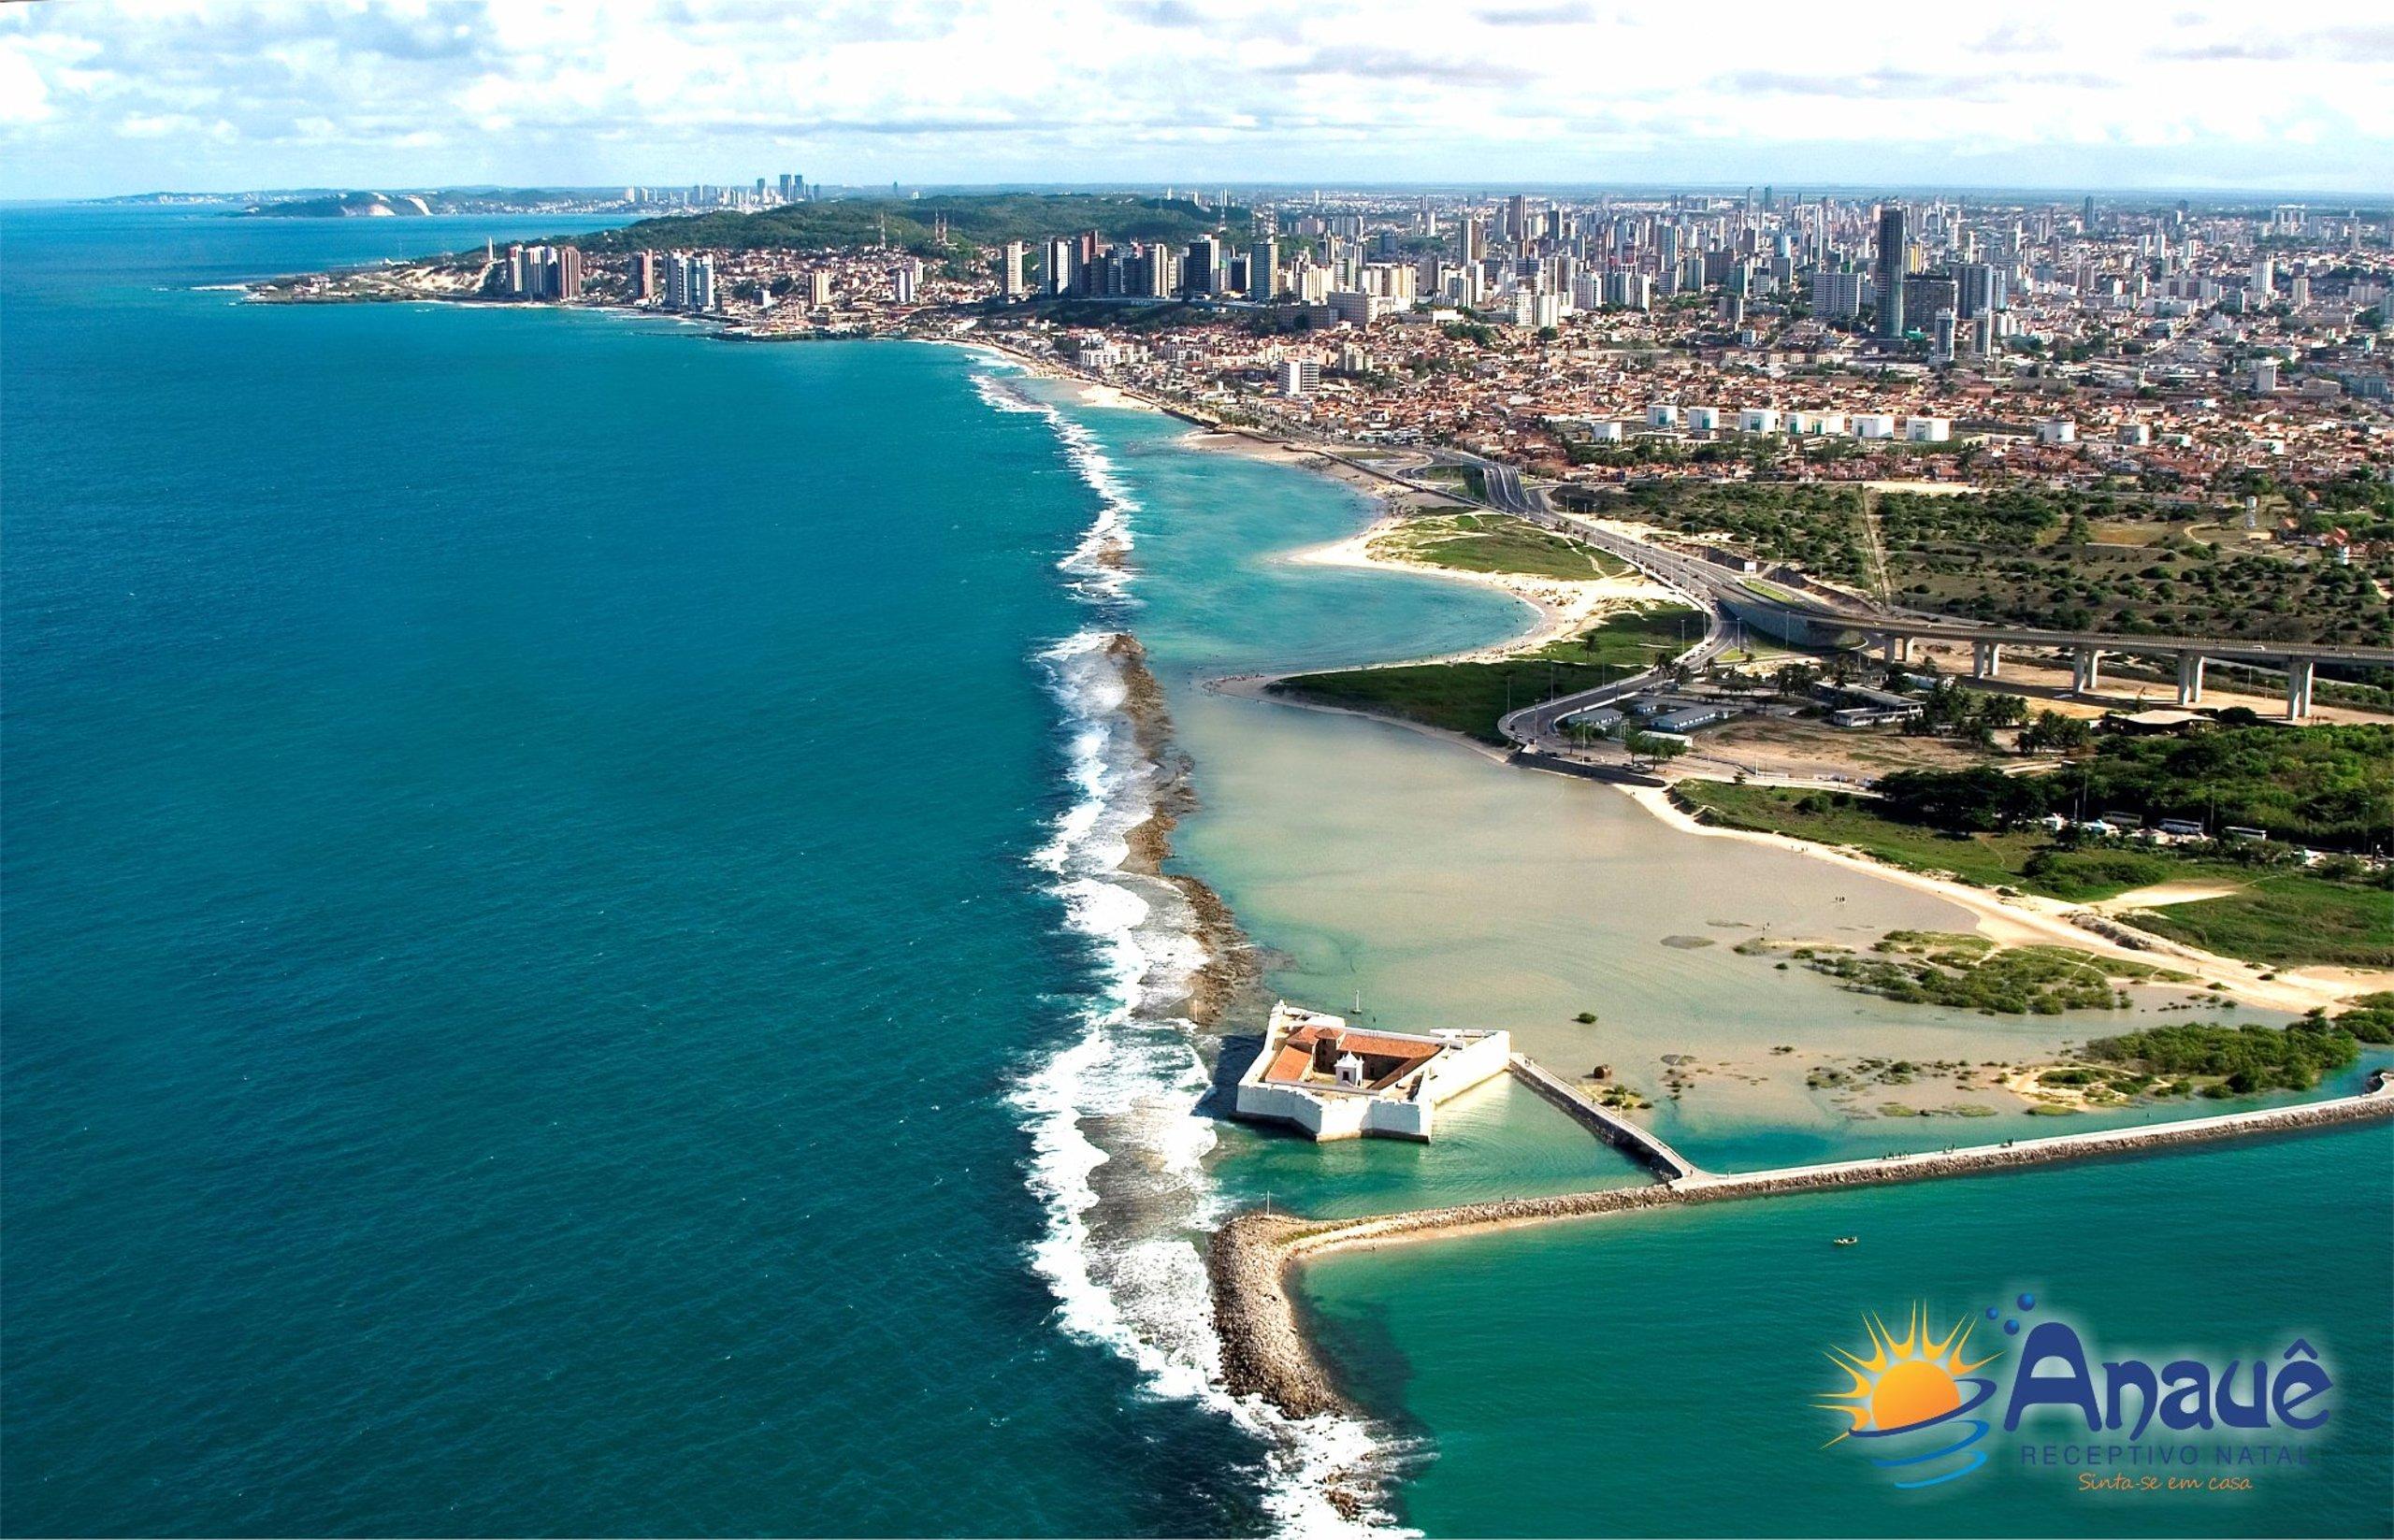 Natal Rio Grande do Norte fonte: media-cdn.tripadvisor.com